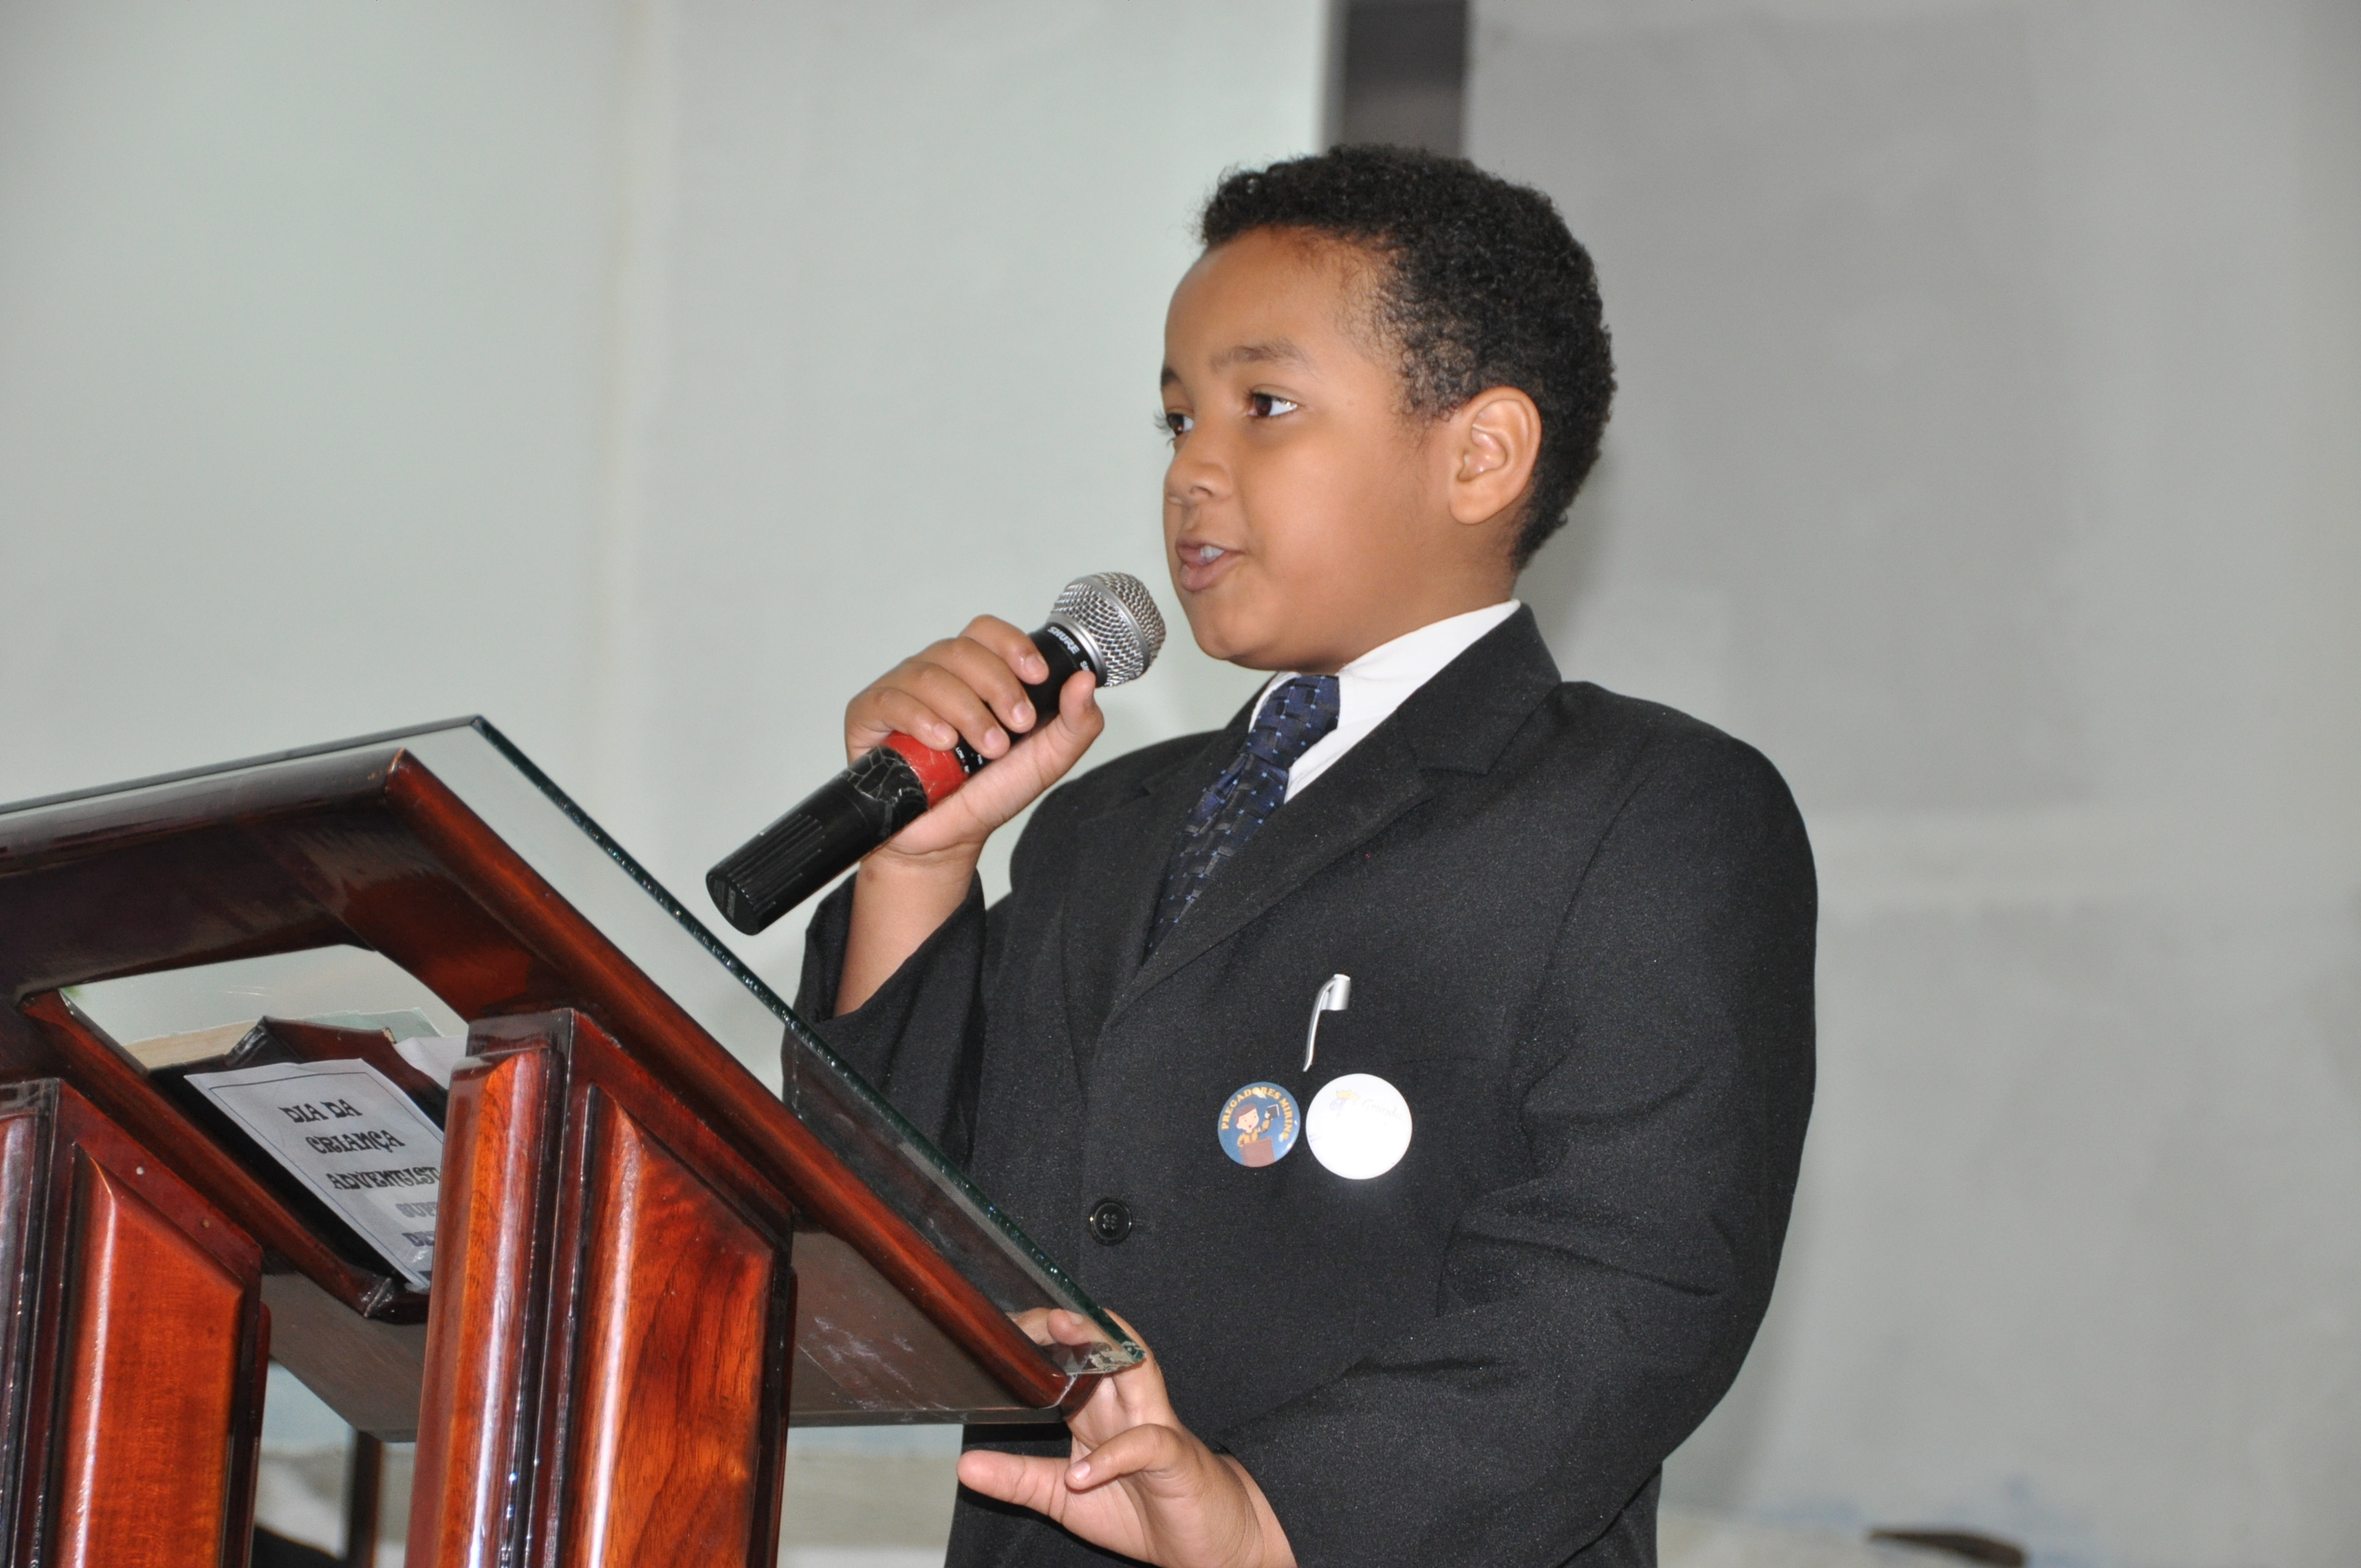 Juvenil prega e se batiza no mesmo dia